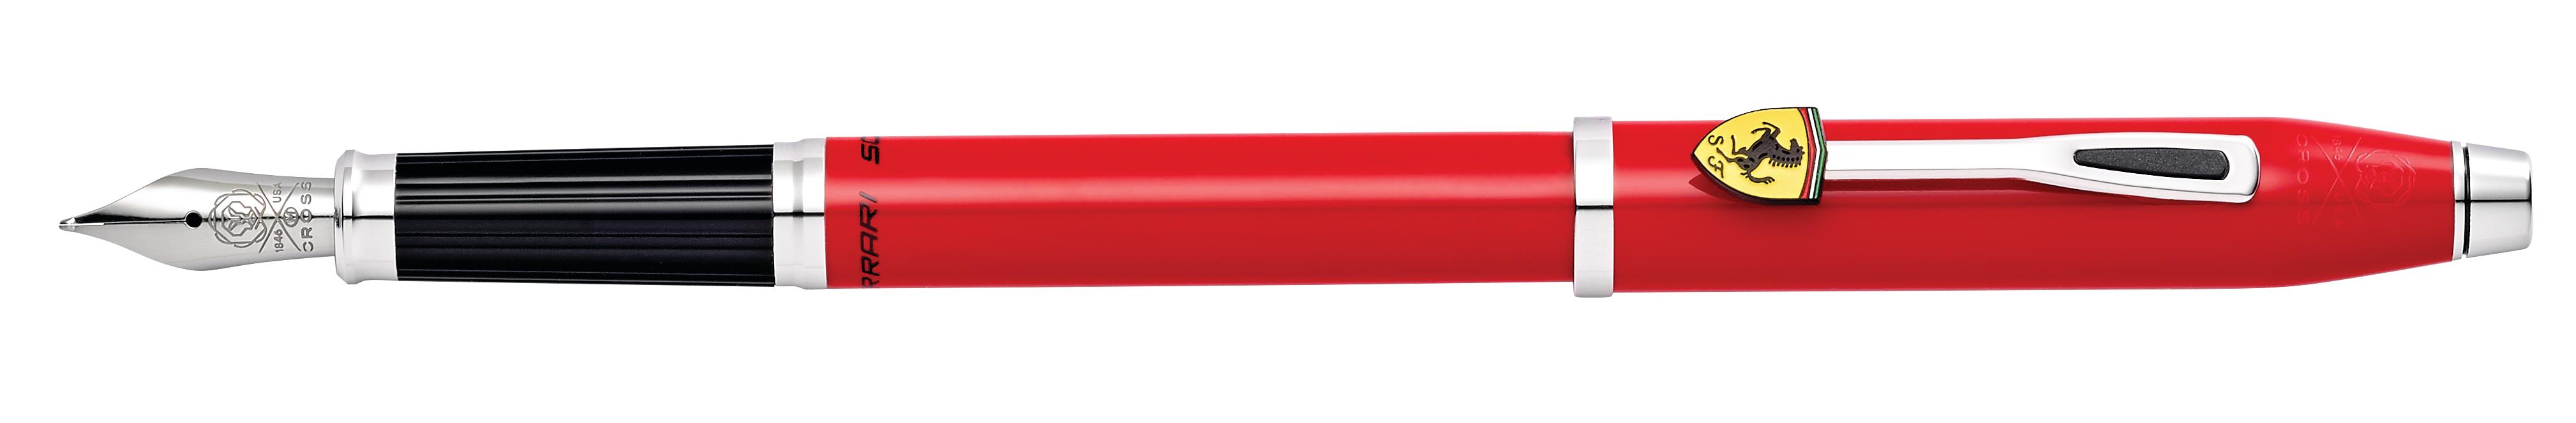 Cross Century II Collection for Scuderia Ferrari Glossy Rosso Corsa Red Lacquer Fountain Pen